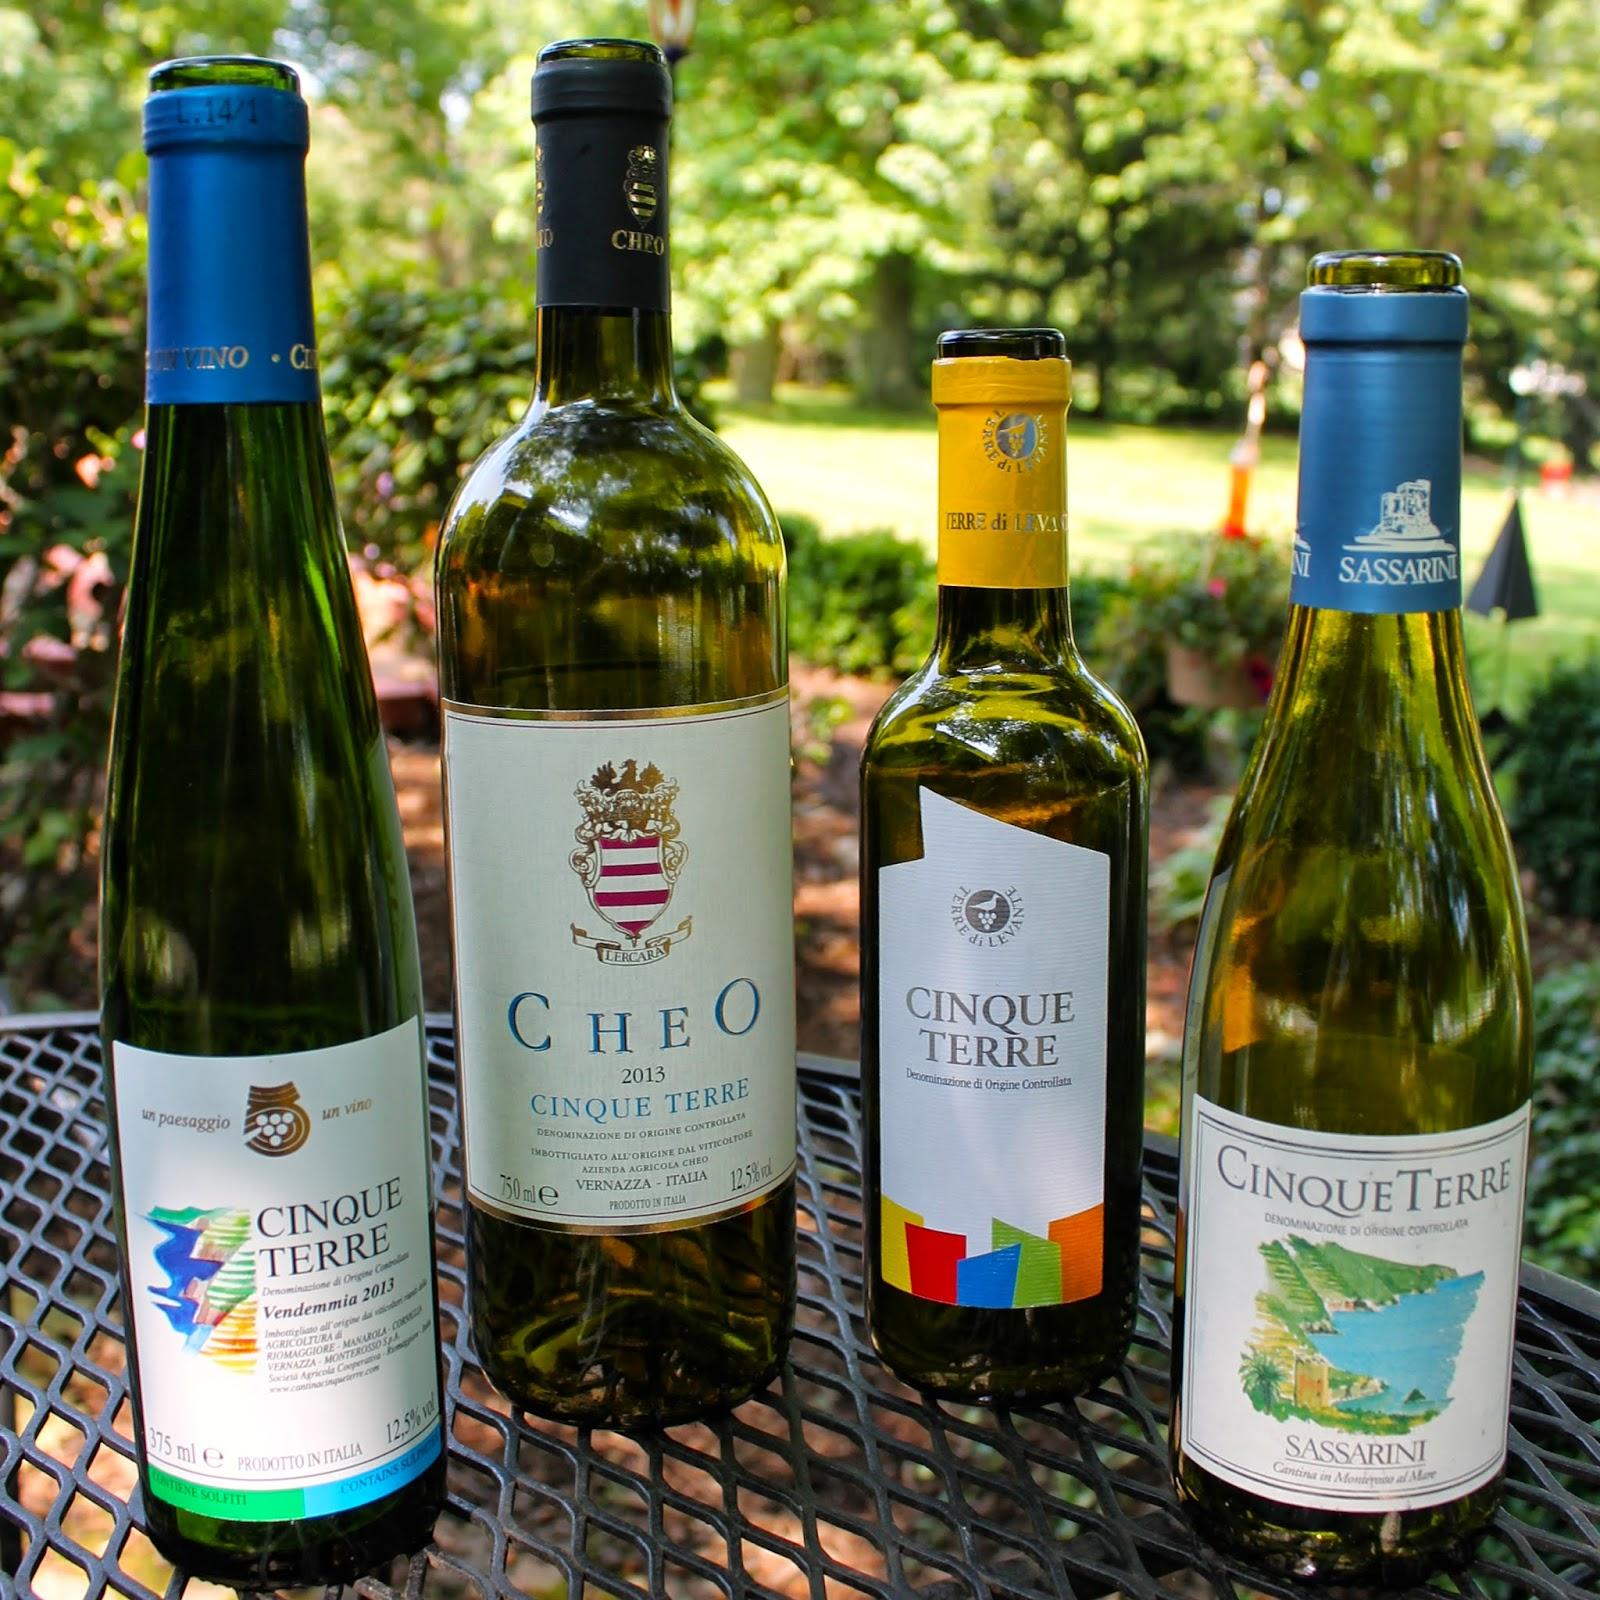 Cinque Terre wine bottles